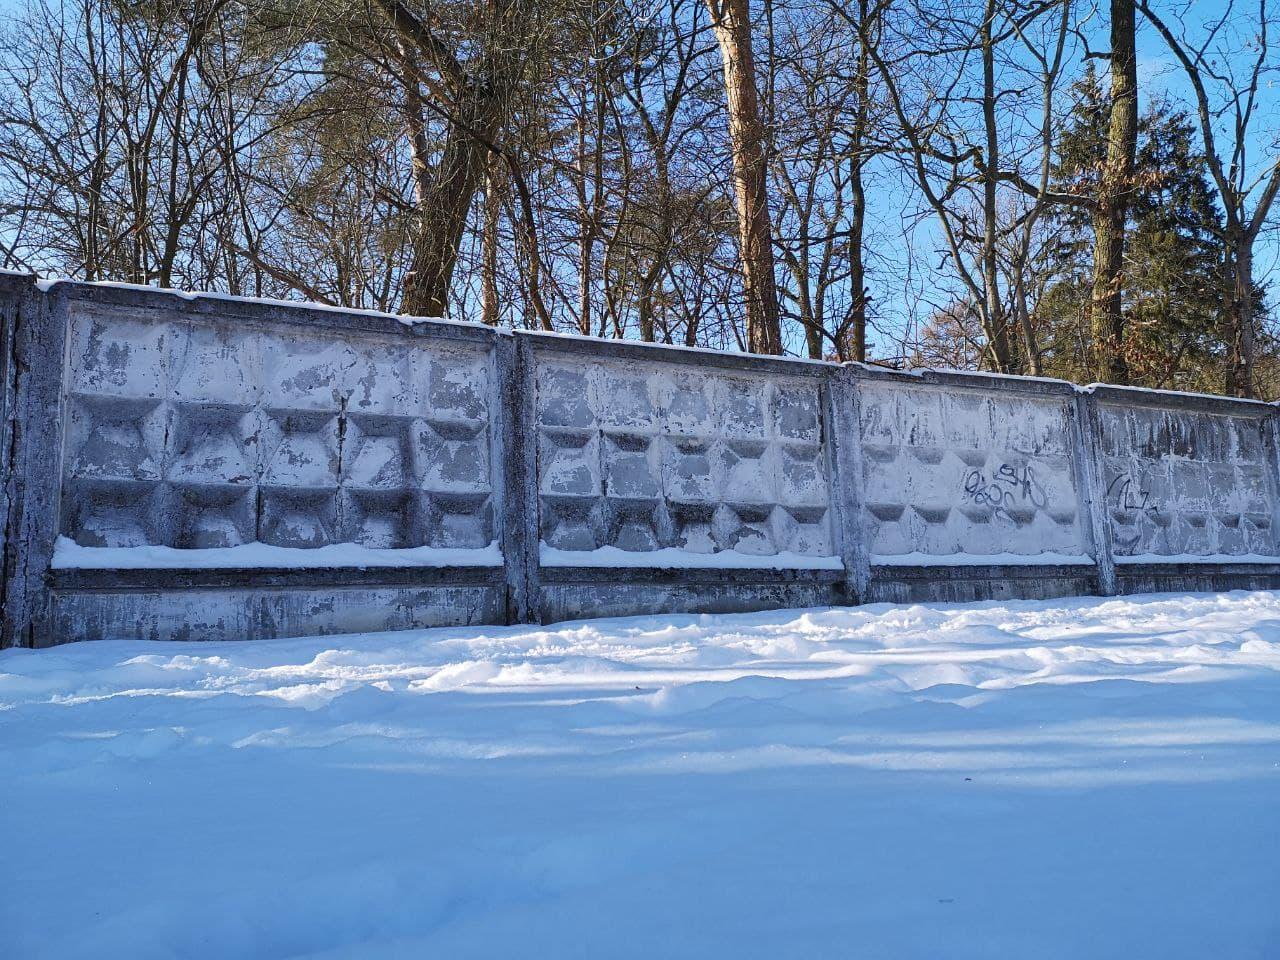 typische sowjetische Mauer in Beelitz Heilstätten